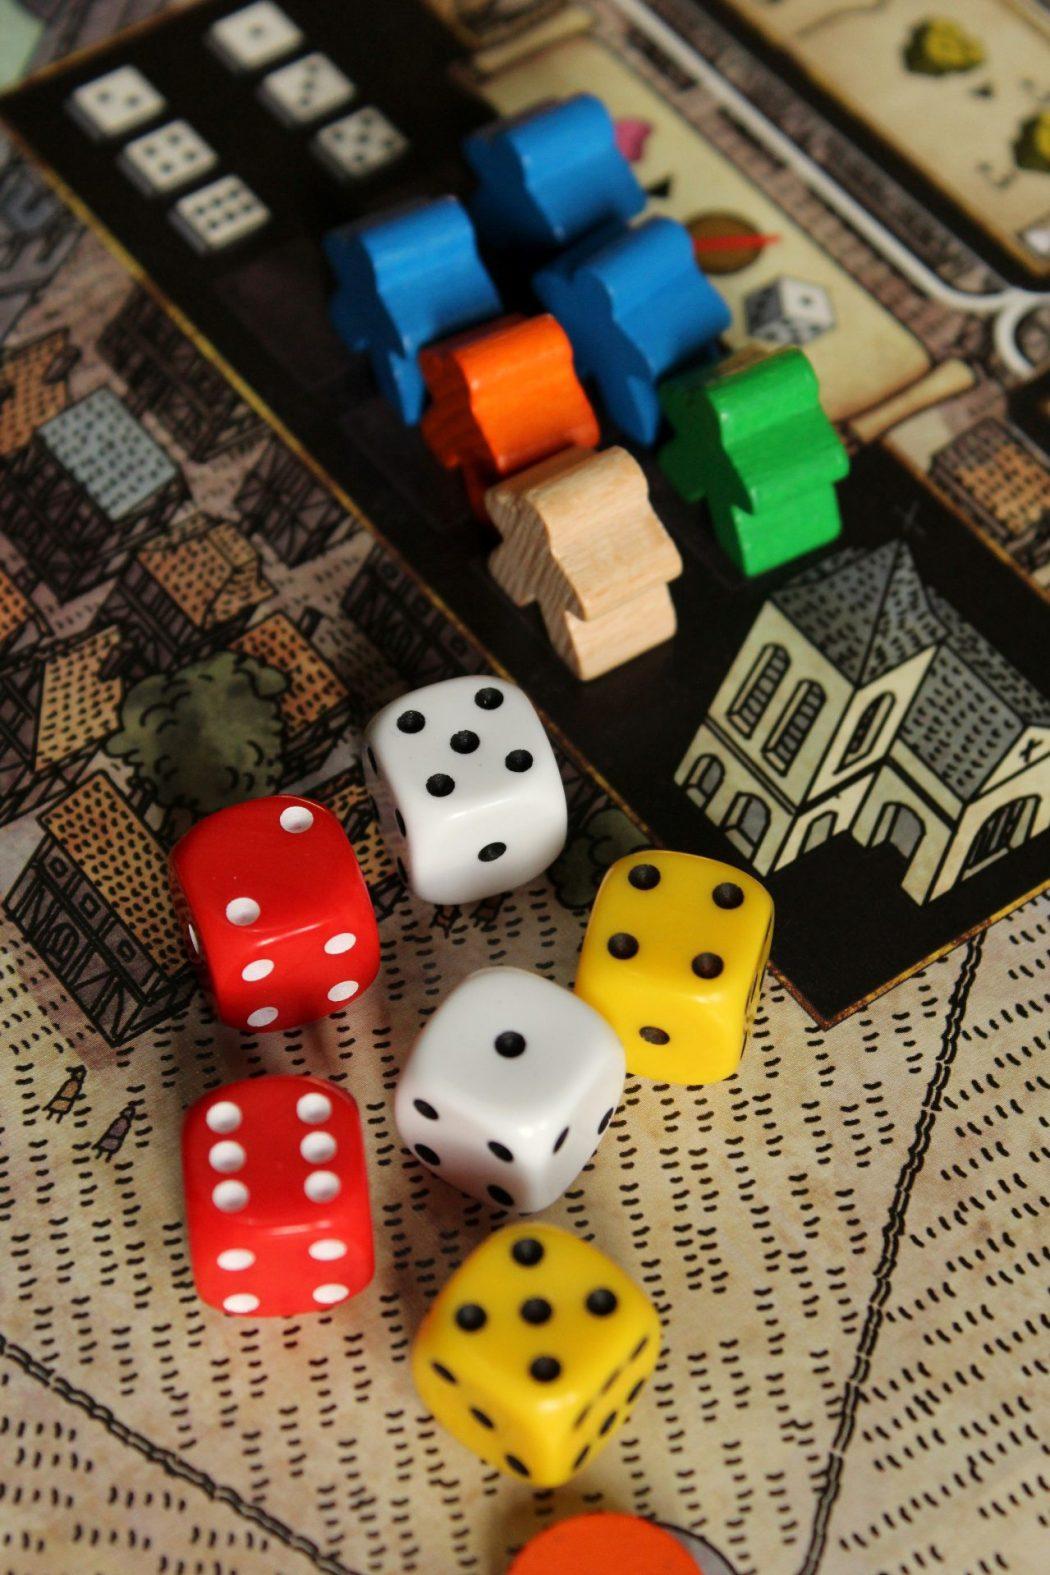 bordspel